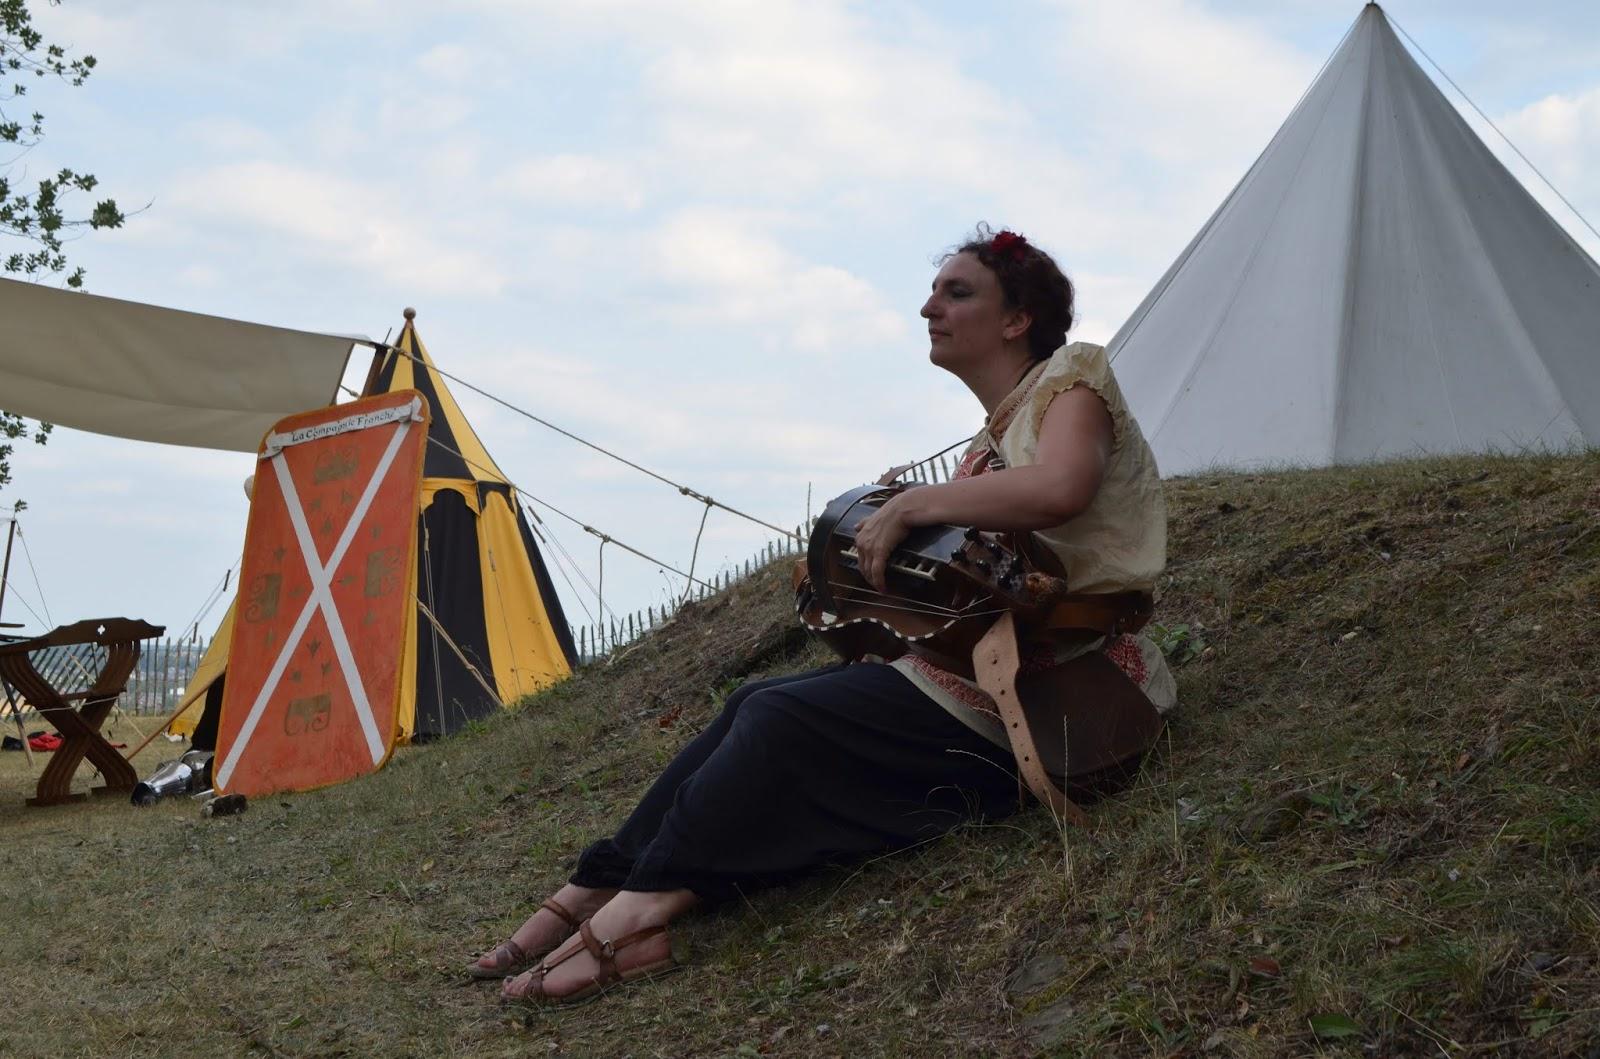 medieval festival of namur